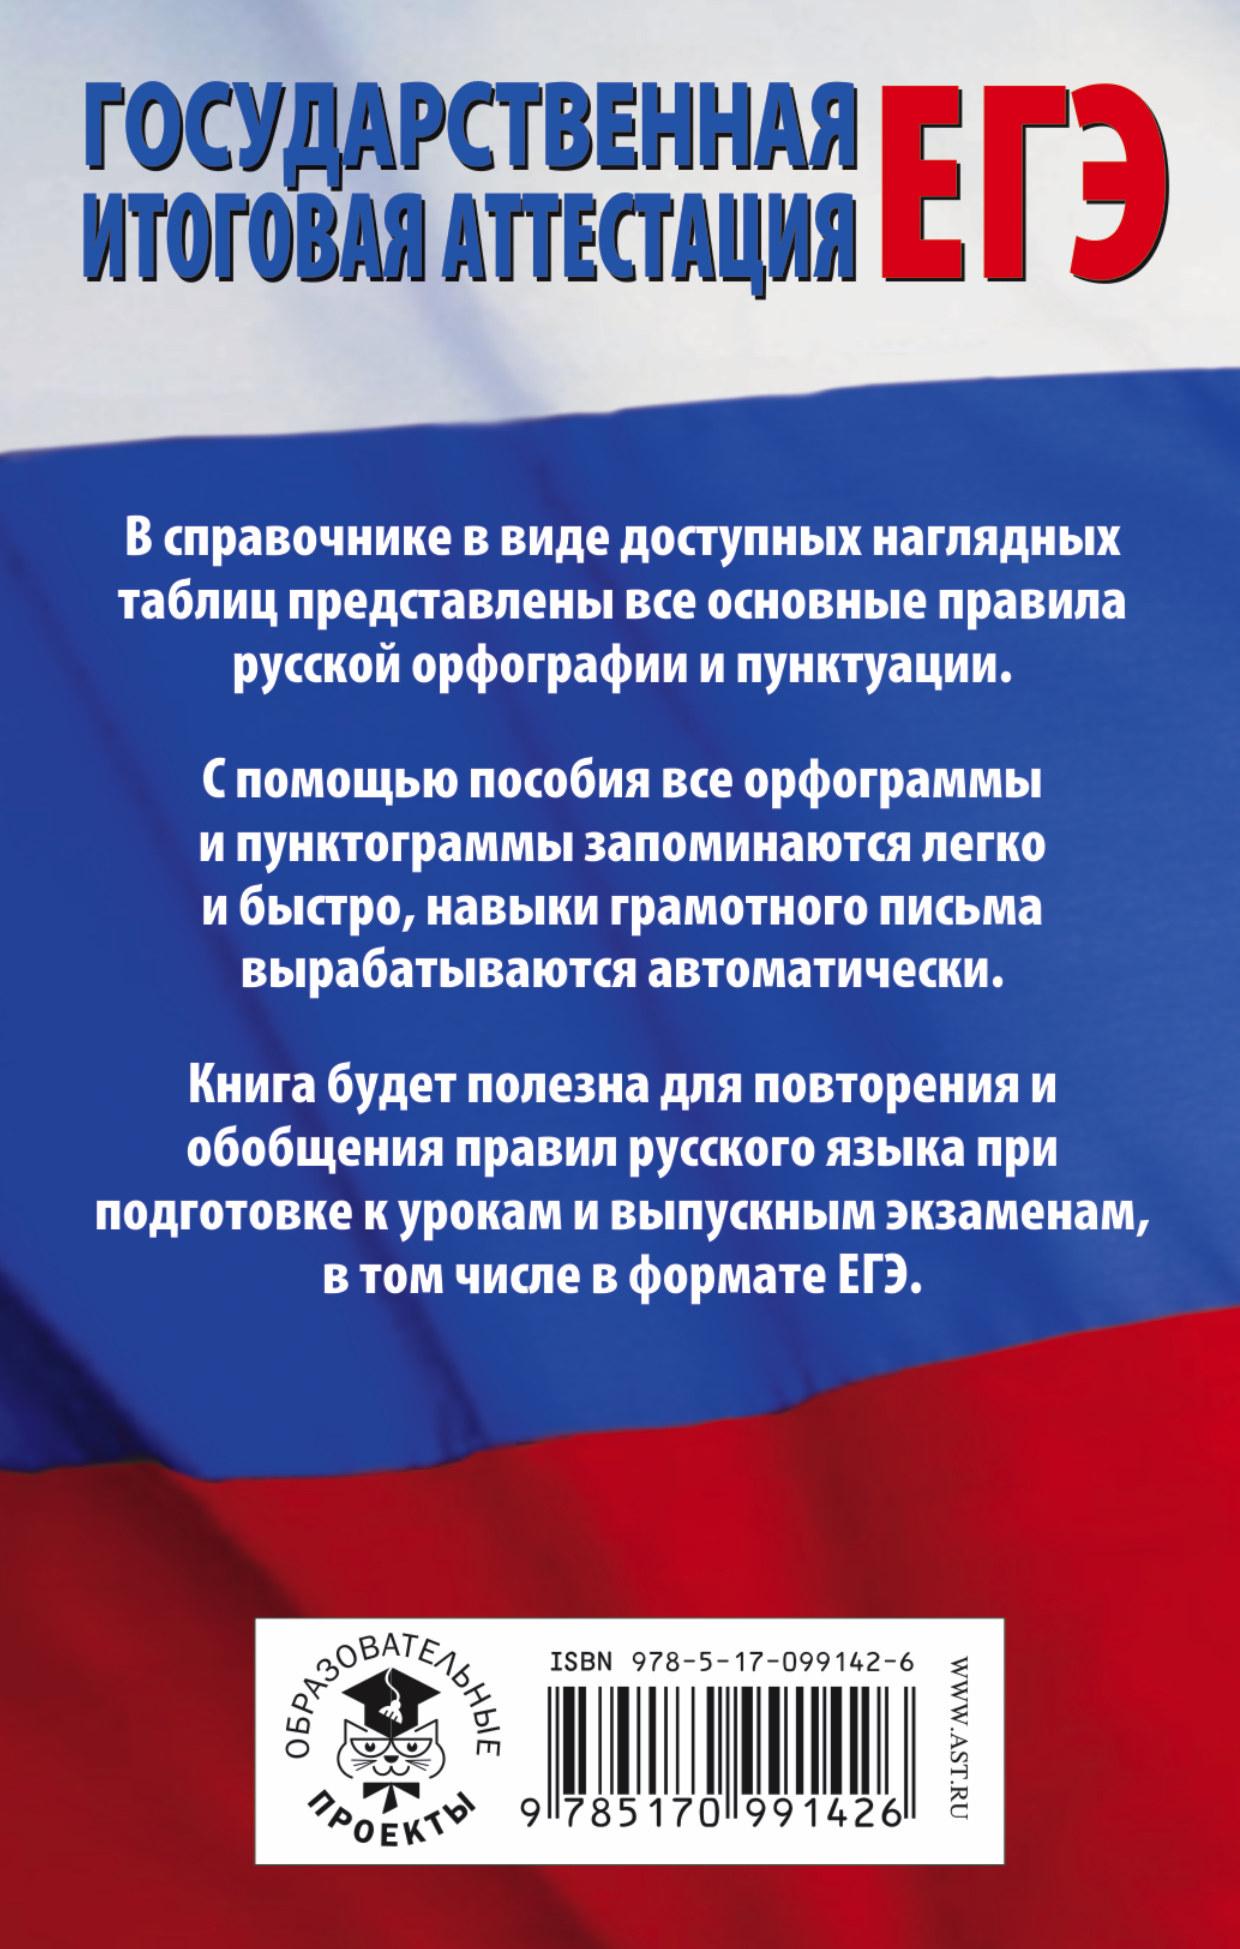 ЕГЭ. Русский язык в таблицах. 10-11 класс